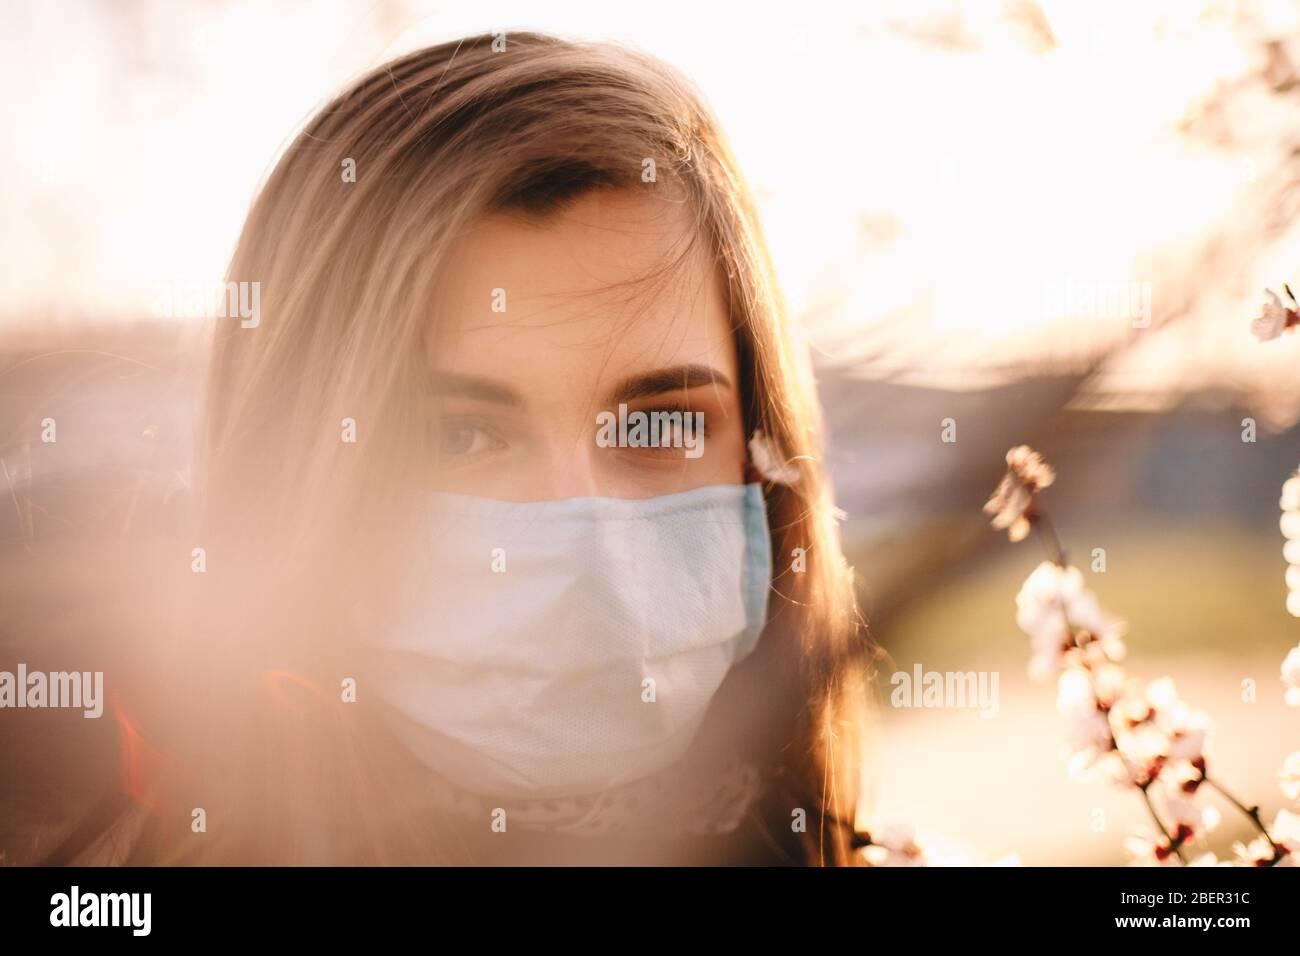 Nahaufnahme Porträt von Teenager-Mädchen mit Gesicht medizinische Maske stehend von blühenden Baum im Frühjahr Stockfoto